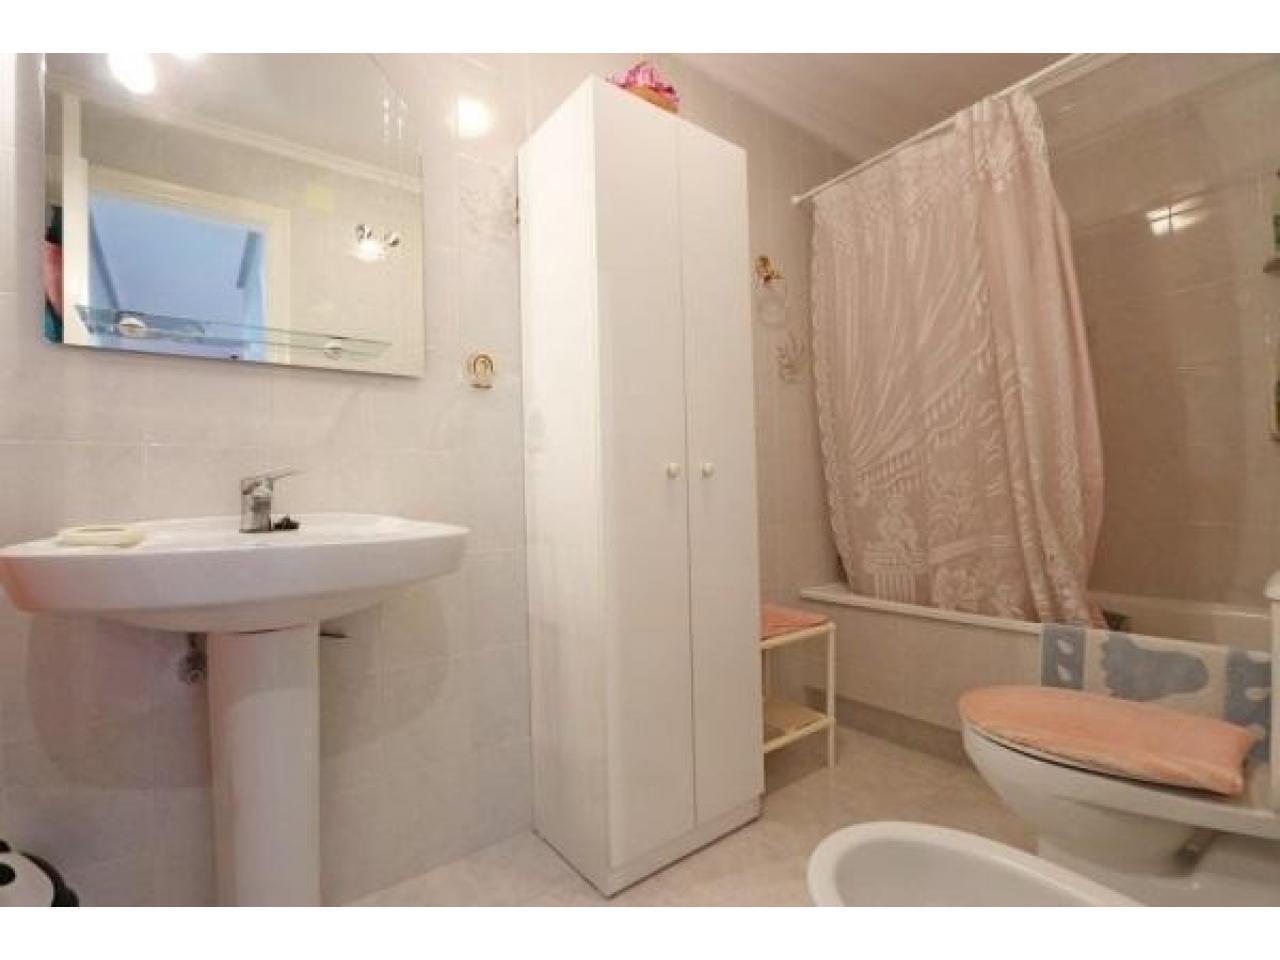 Недвижимость в Испании, Бунгало в Торревьеха,Коста Бланка,Испания - 9